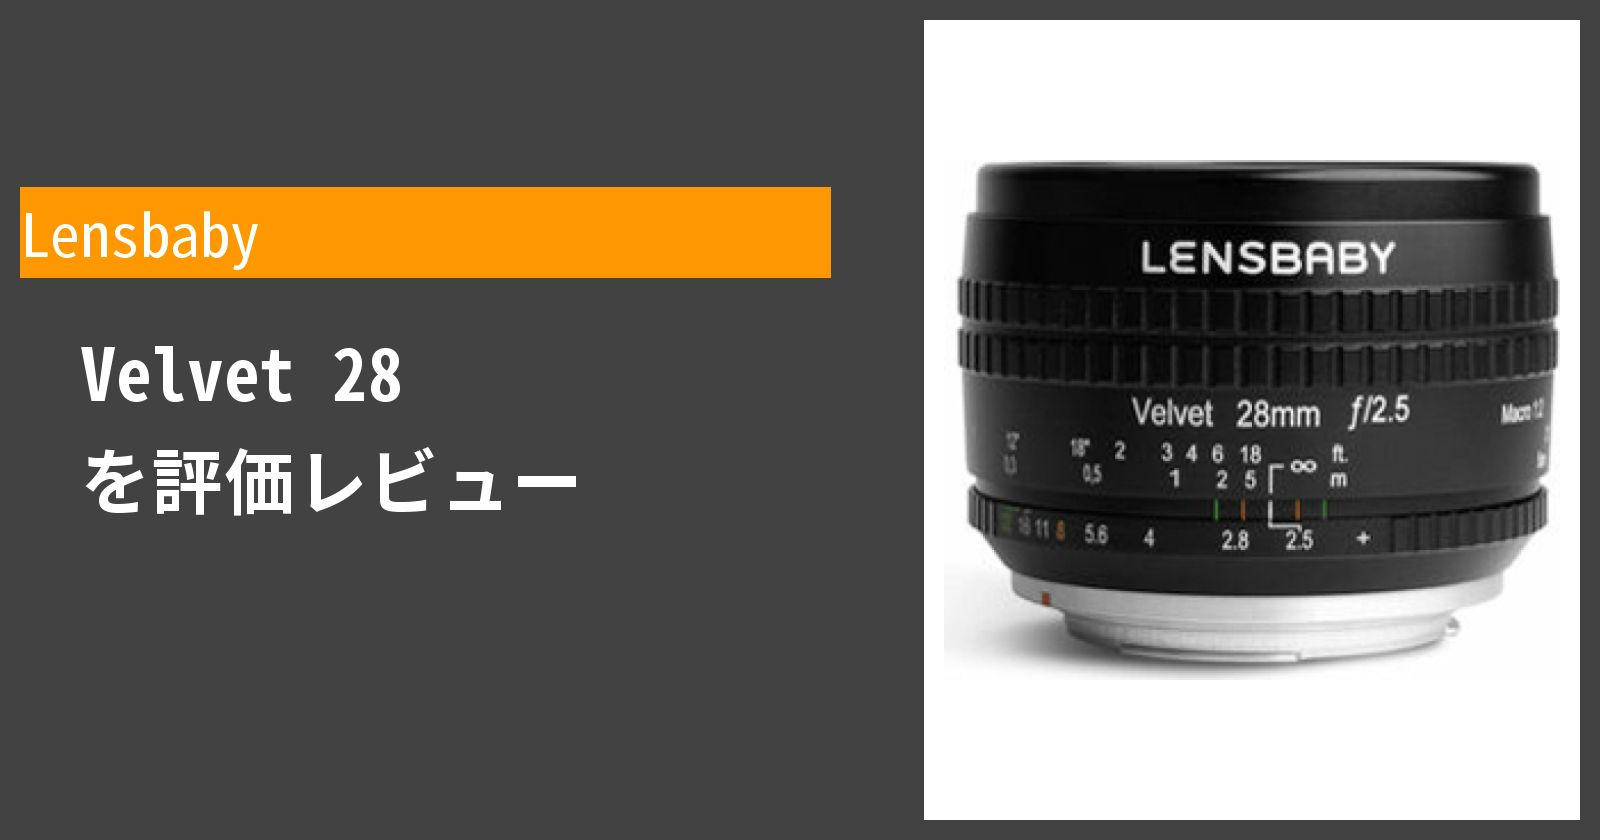 Velvet 28を徹底評価